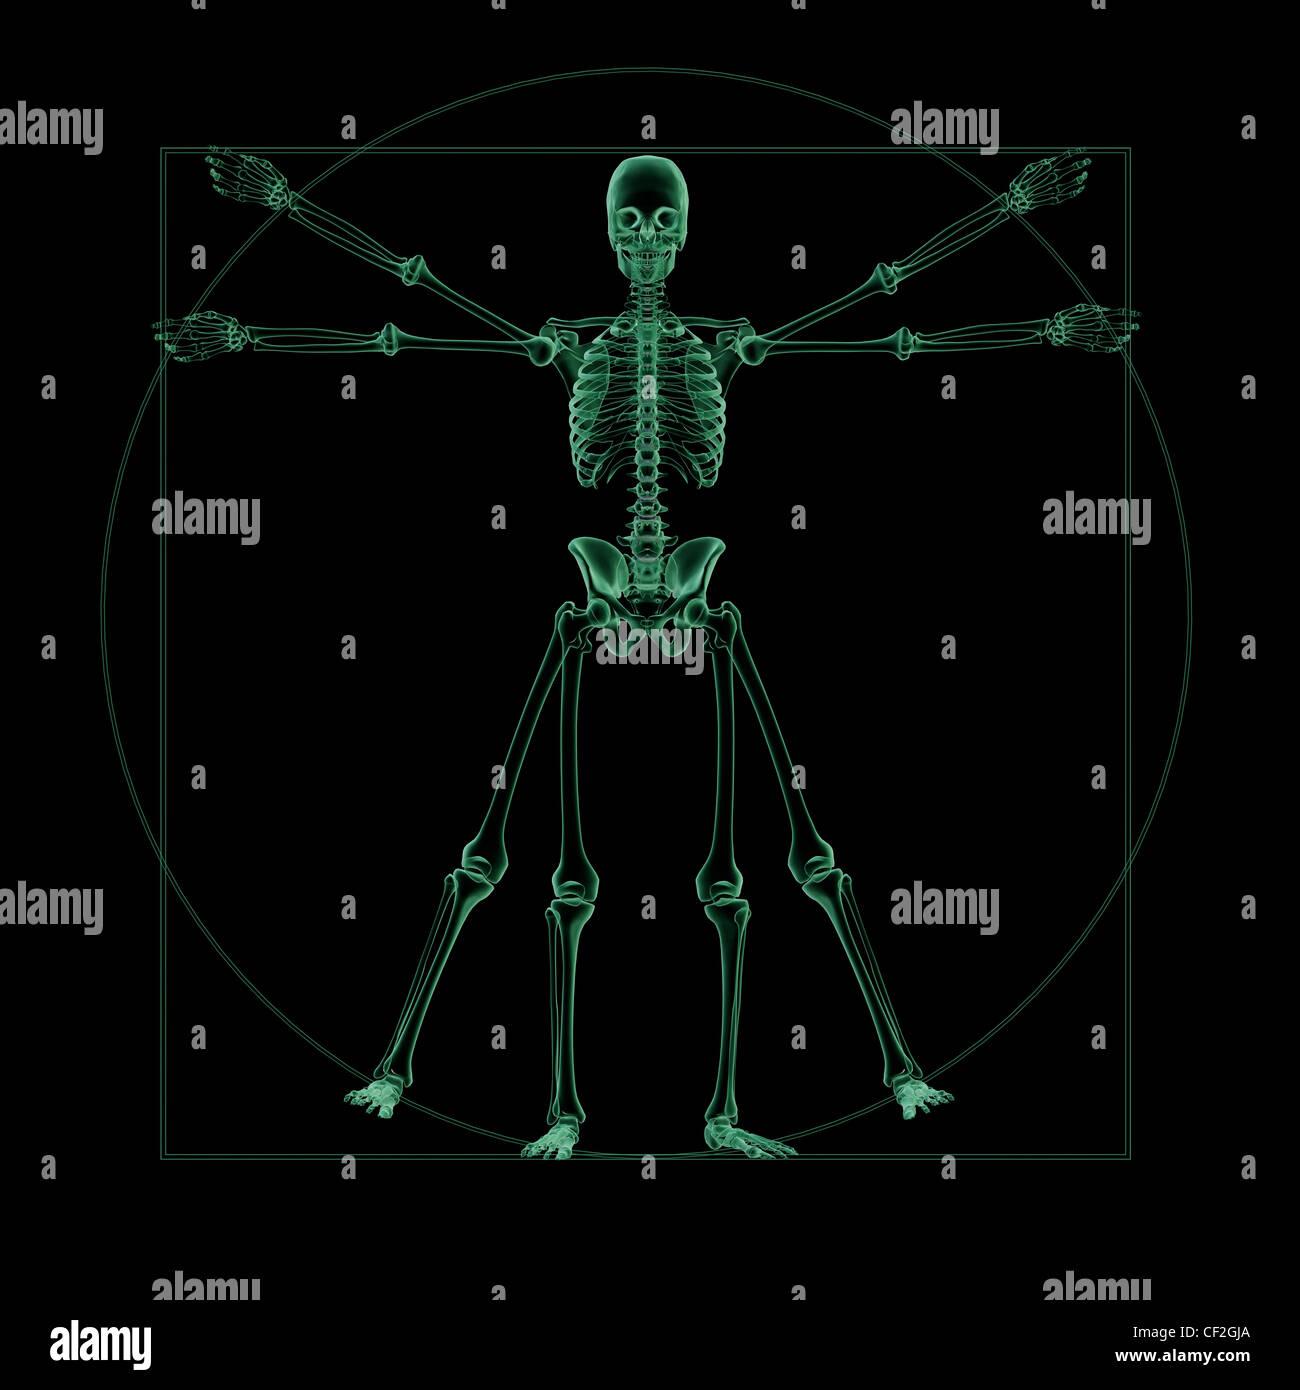 Röntgen Skelett-Struktur des menschlichen Arms Stockfoto, Bild ...